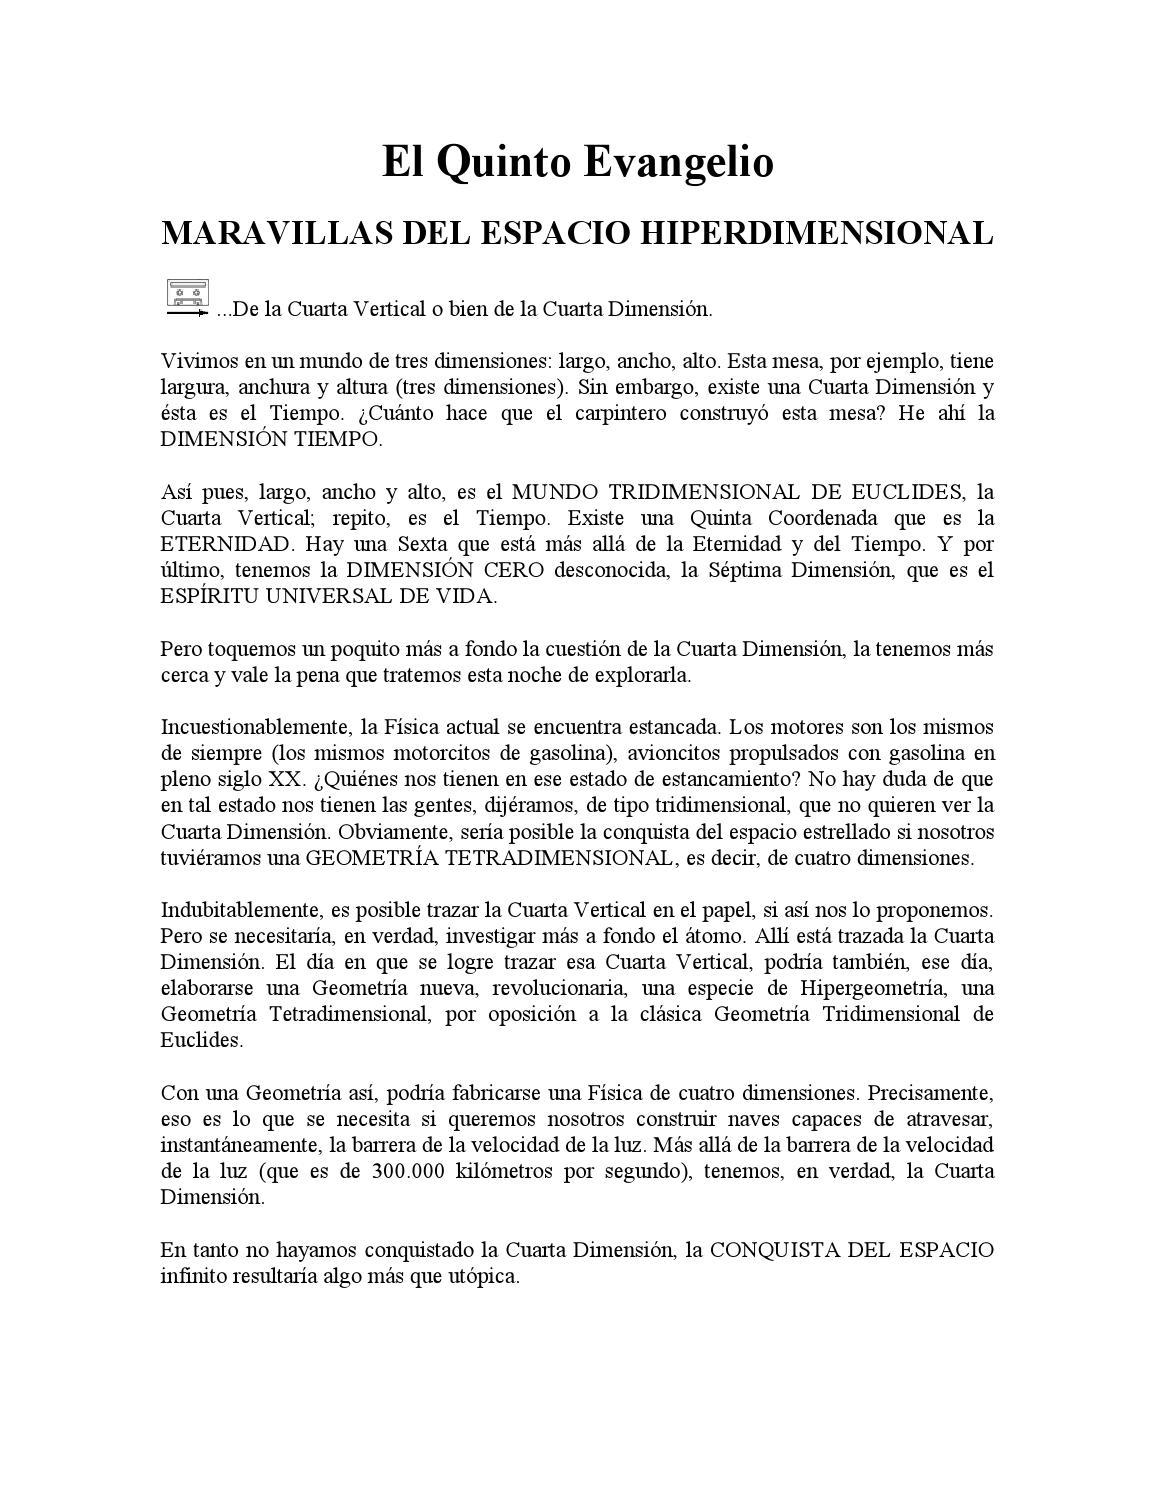 208 maravillas del espacio hiperdimensional by Josew Quinterob - issuu